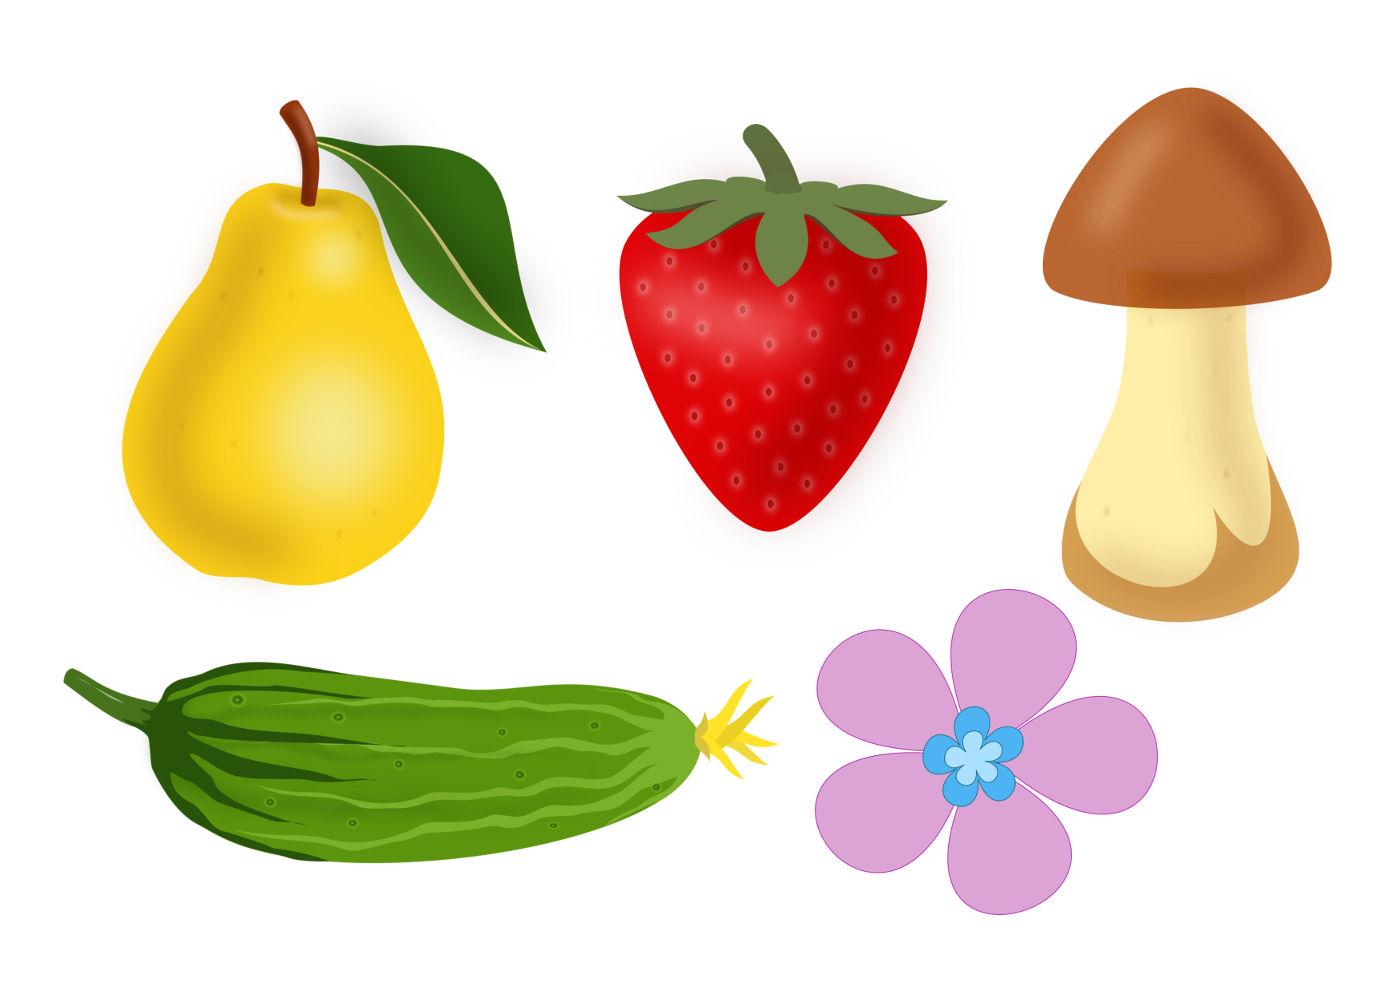 Картинки фруктов для детей распечатать цветные для вырезания